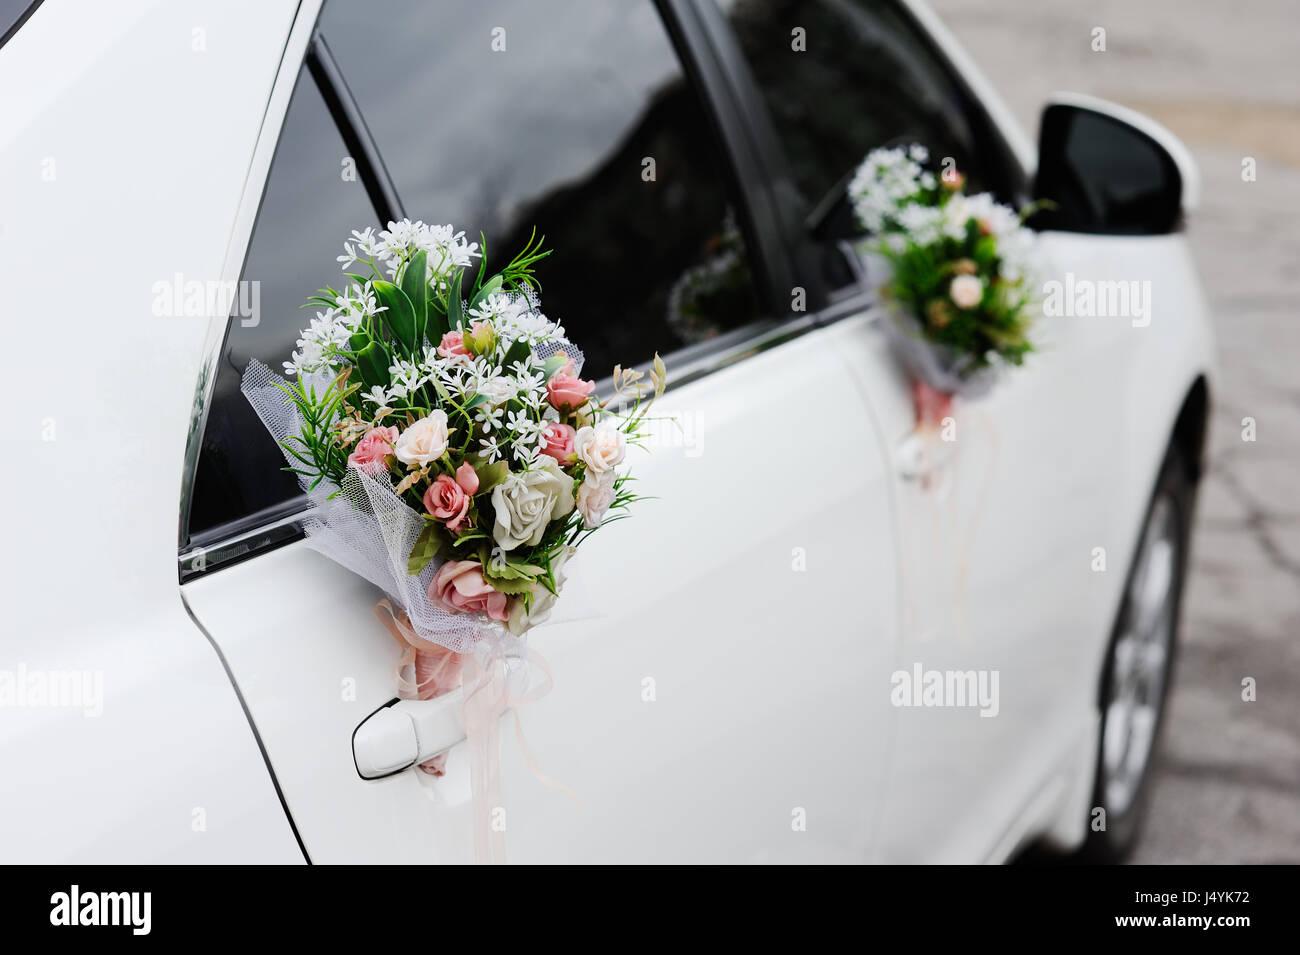 Hochzeit Auto Dekoration Stockfotos Hochzeit Auto Dekoration